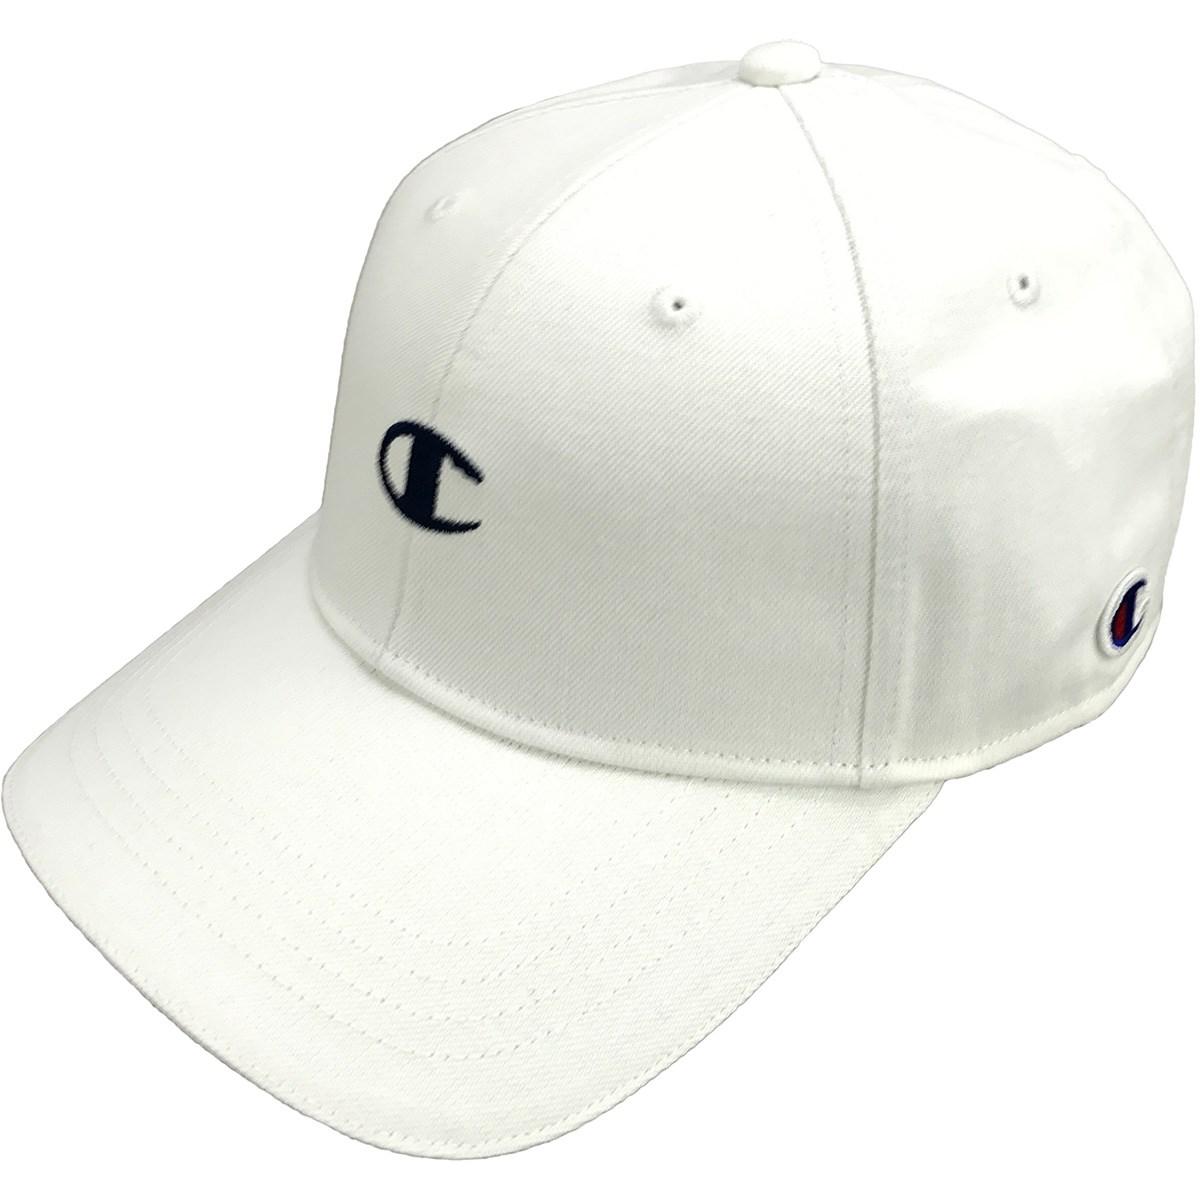 チャンピオンゴルフ Champion GOLF ツイルキャップ フリー ホワイト 010 レディス